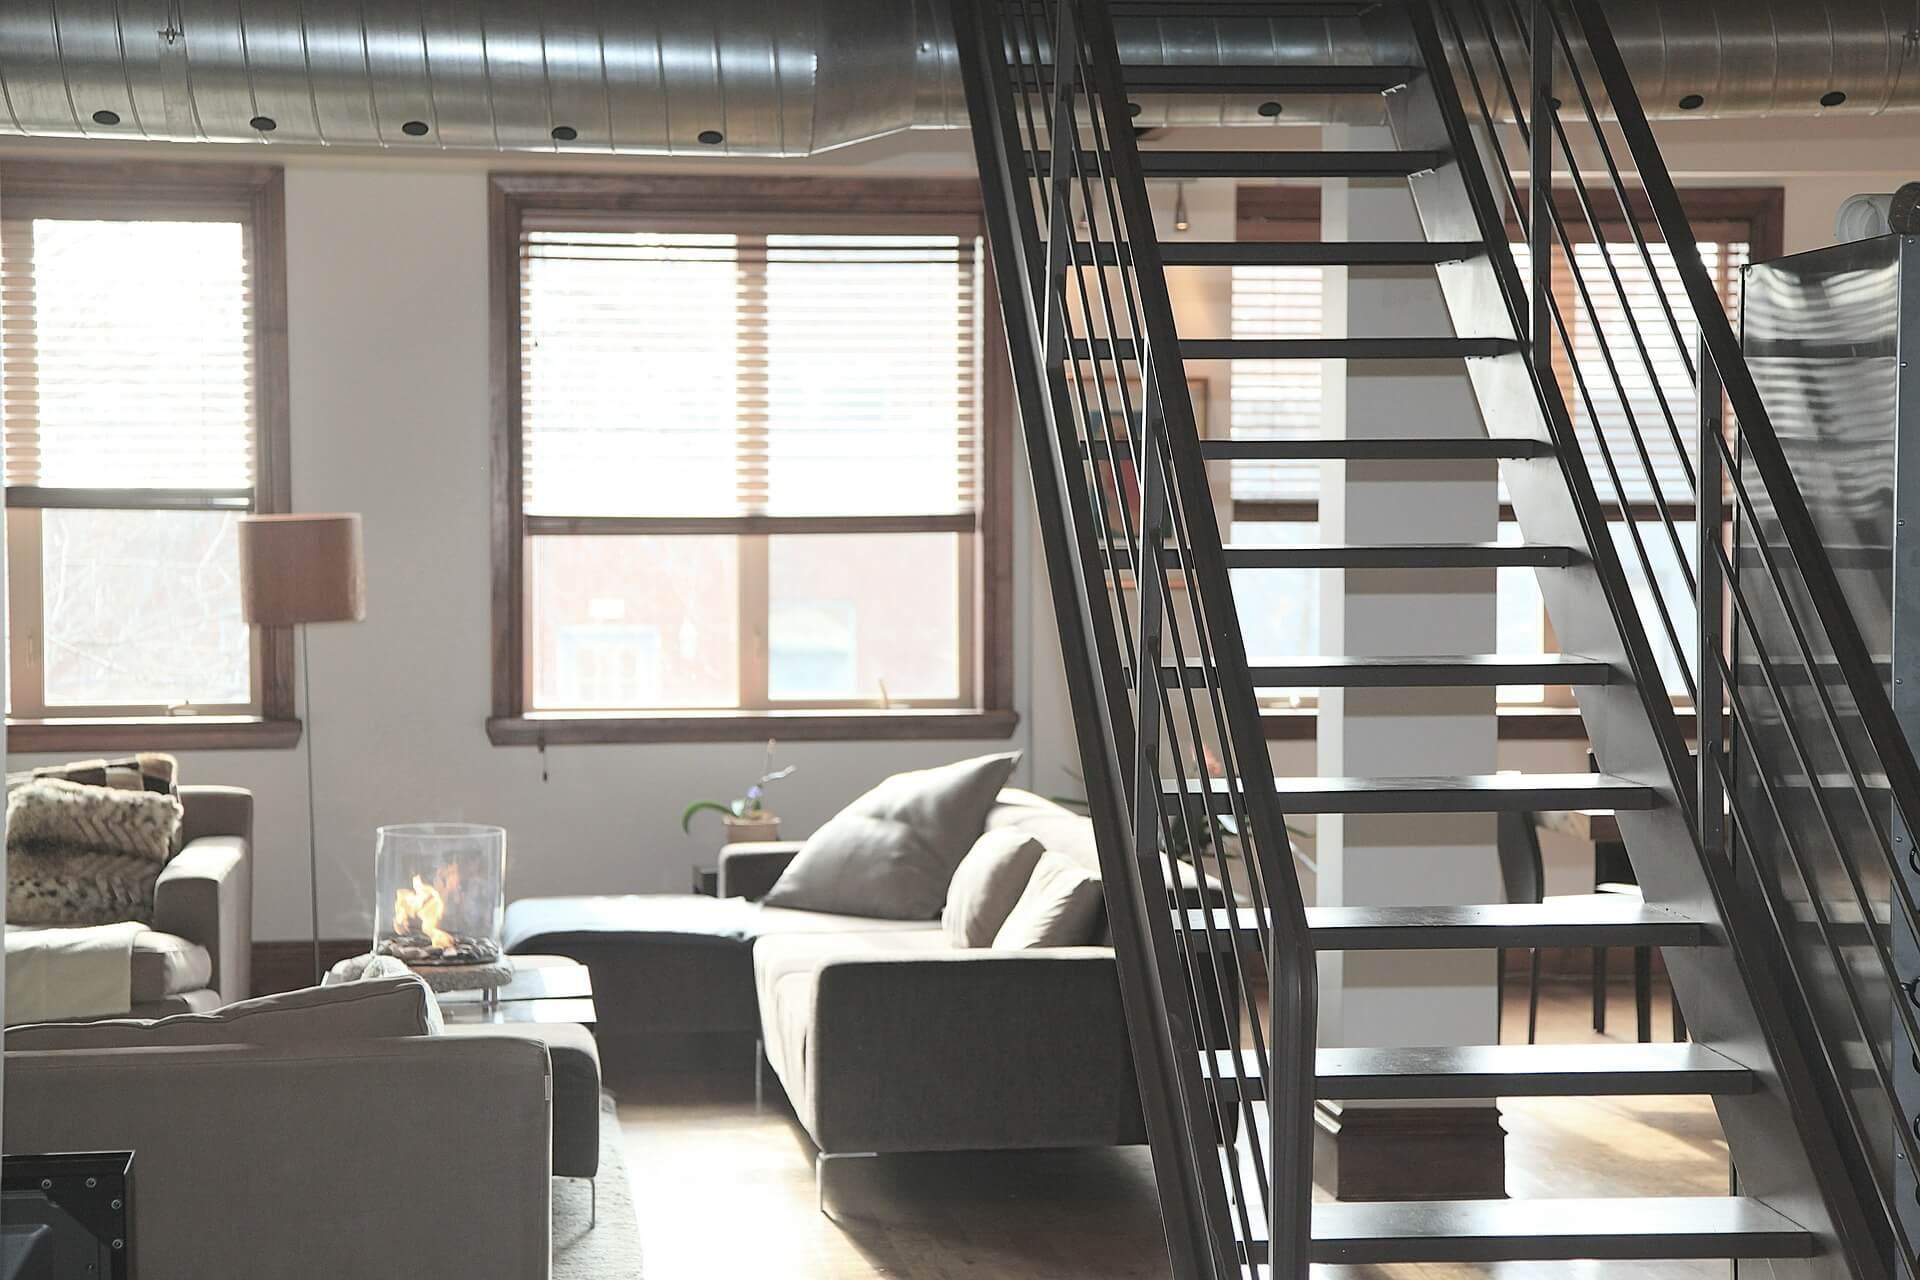 Nicht immer kann ein Wohnraum durch große Fensterflächen ausreichend beleuchtet werden. Bildquelle: pixabay, © Life-Of-Pix, CC0 Public Domain